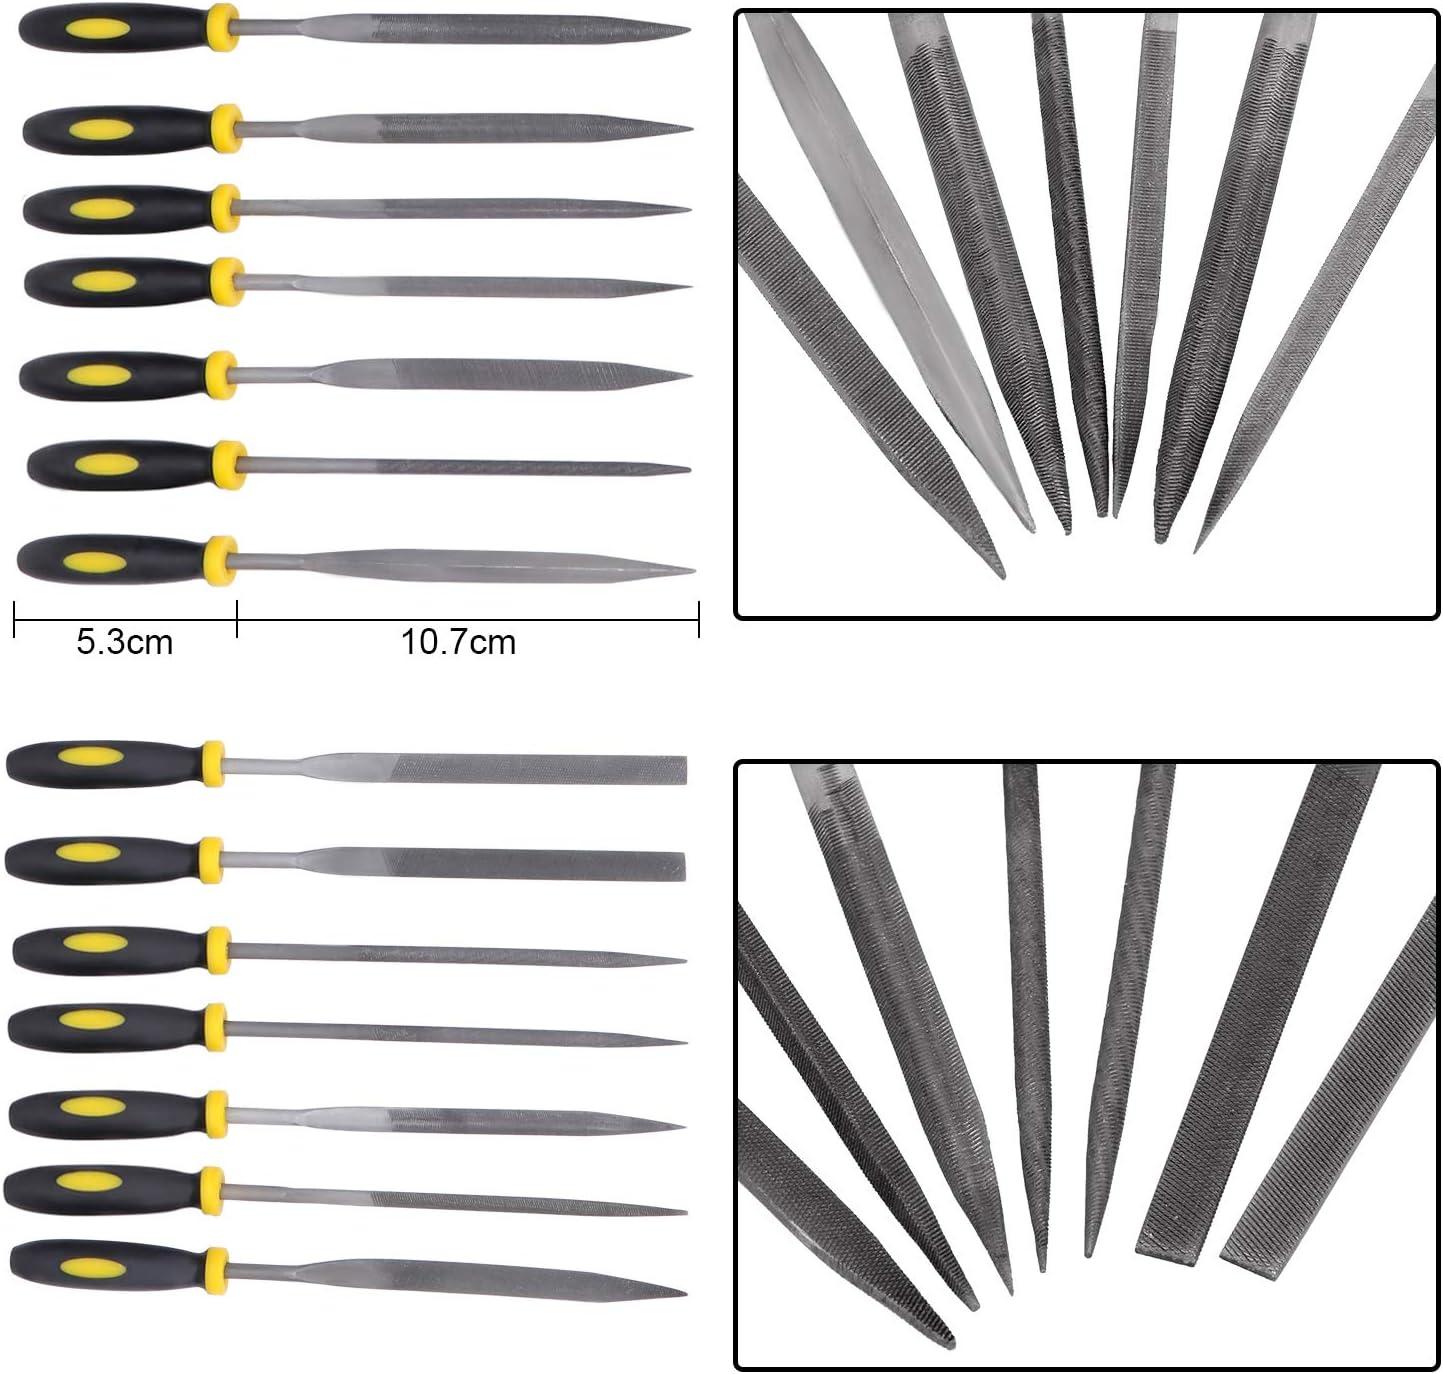 cepillo de limpieza herramienta de limas de madera plana//media redonda//triangular juego de archivos de ingeniero profesional Juego de limas de metal 19 en uno limas de aguja HSEAMALL